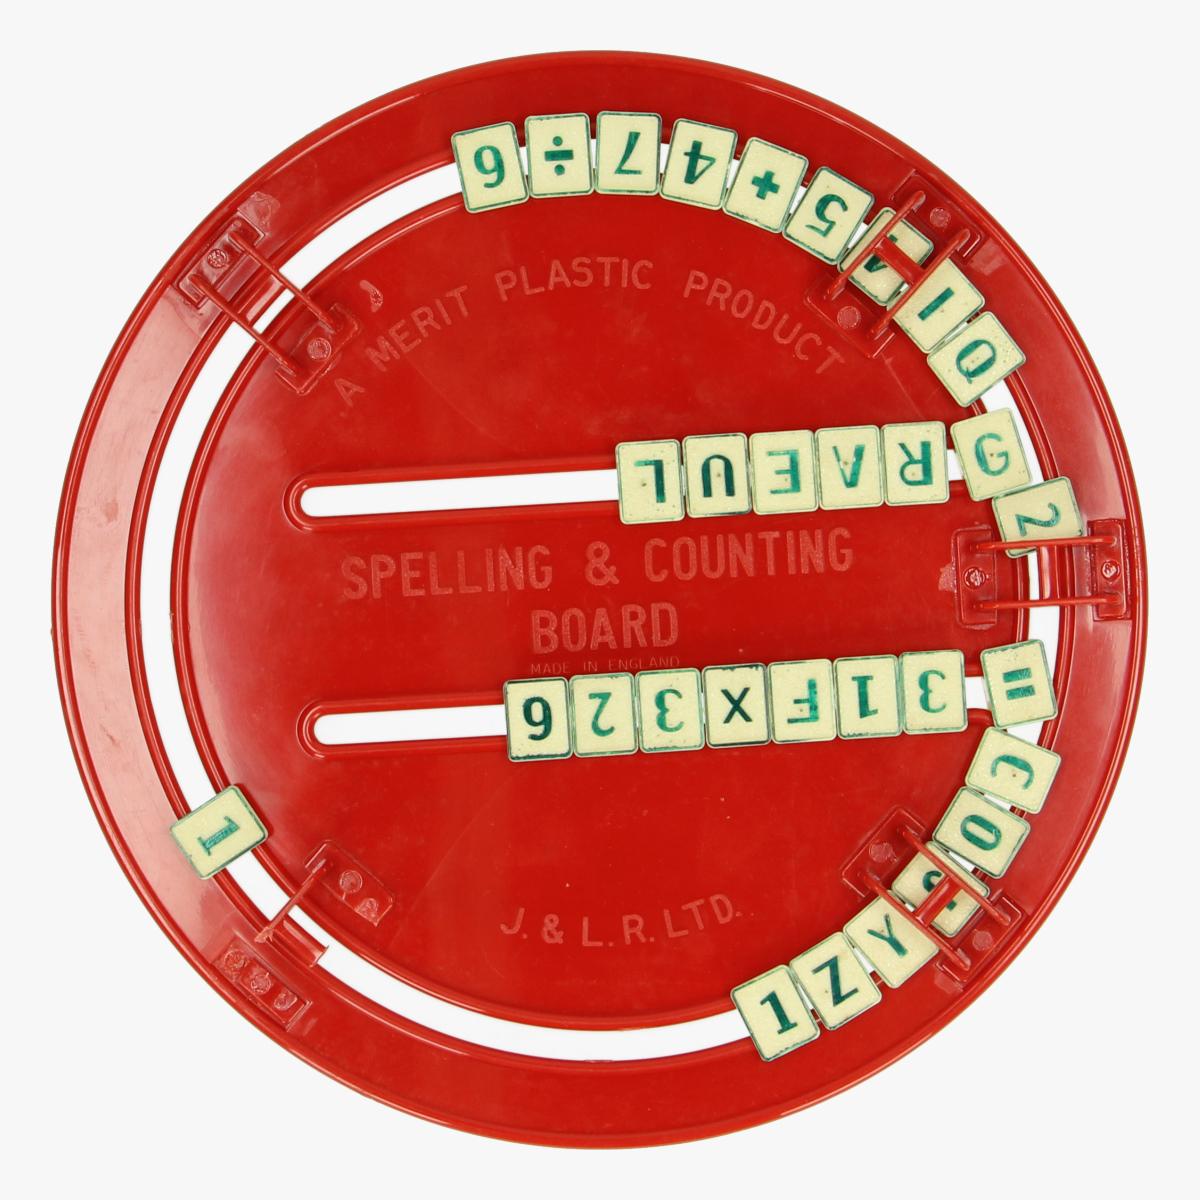 Afbeeldingen van Plastic Spelling and counting board.